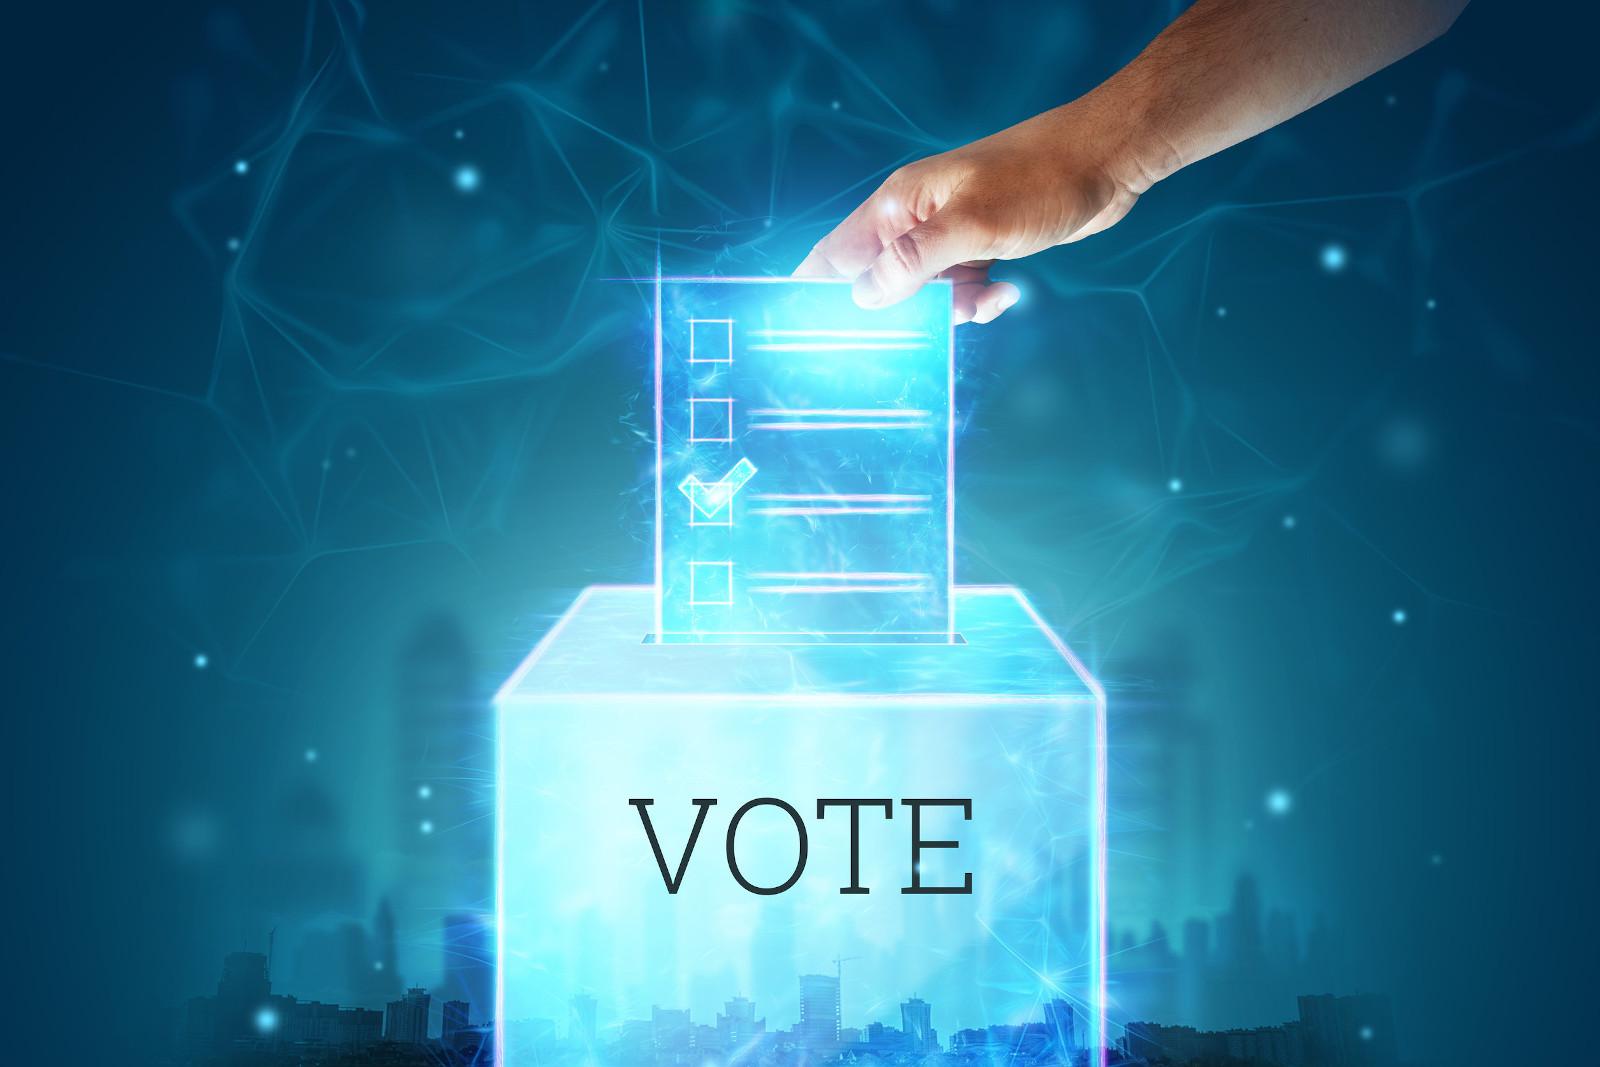 E-Demokratie und E-Vote: Ängste und Lösungsansätze für eine seit Jahren bestehende Herausforderung